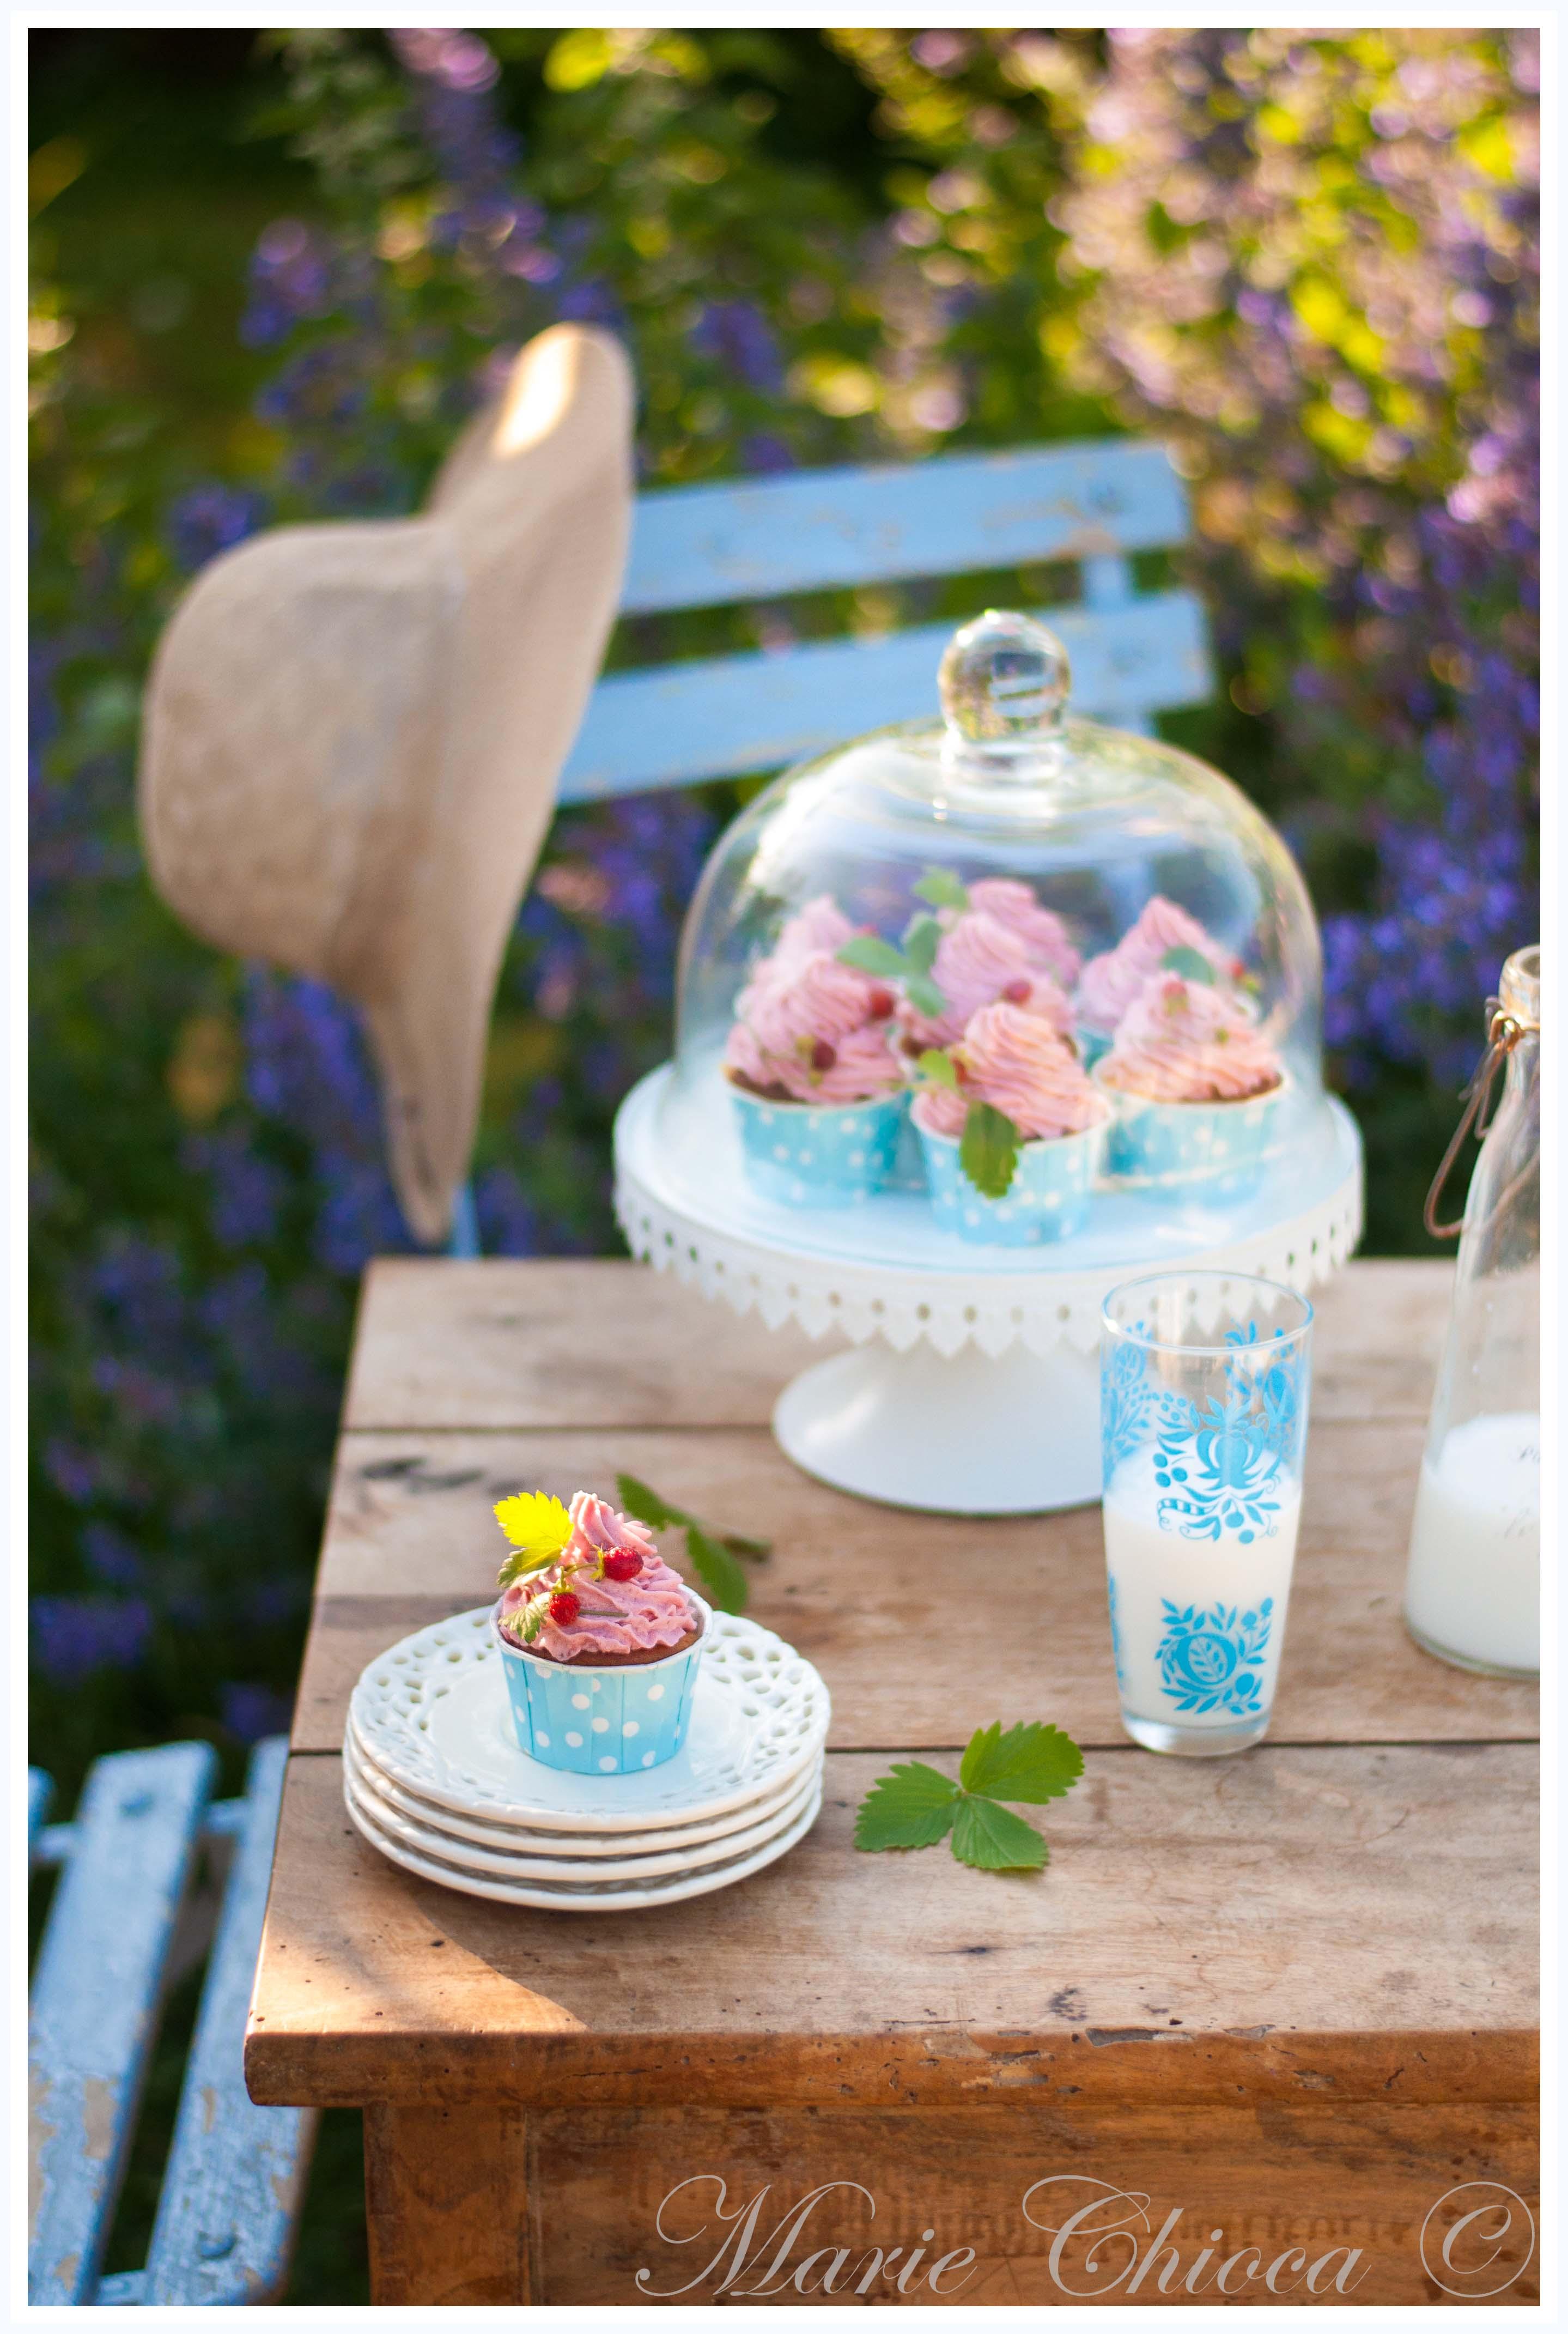 printemps-cupcake-a-la-creme-de-coco-et-fraise-des-bois-photo-en-plus-2